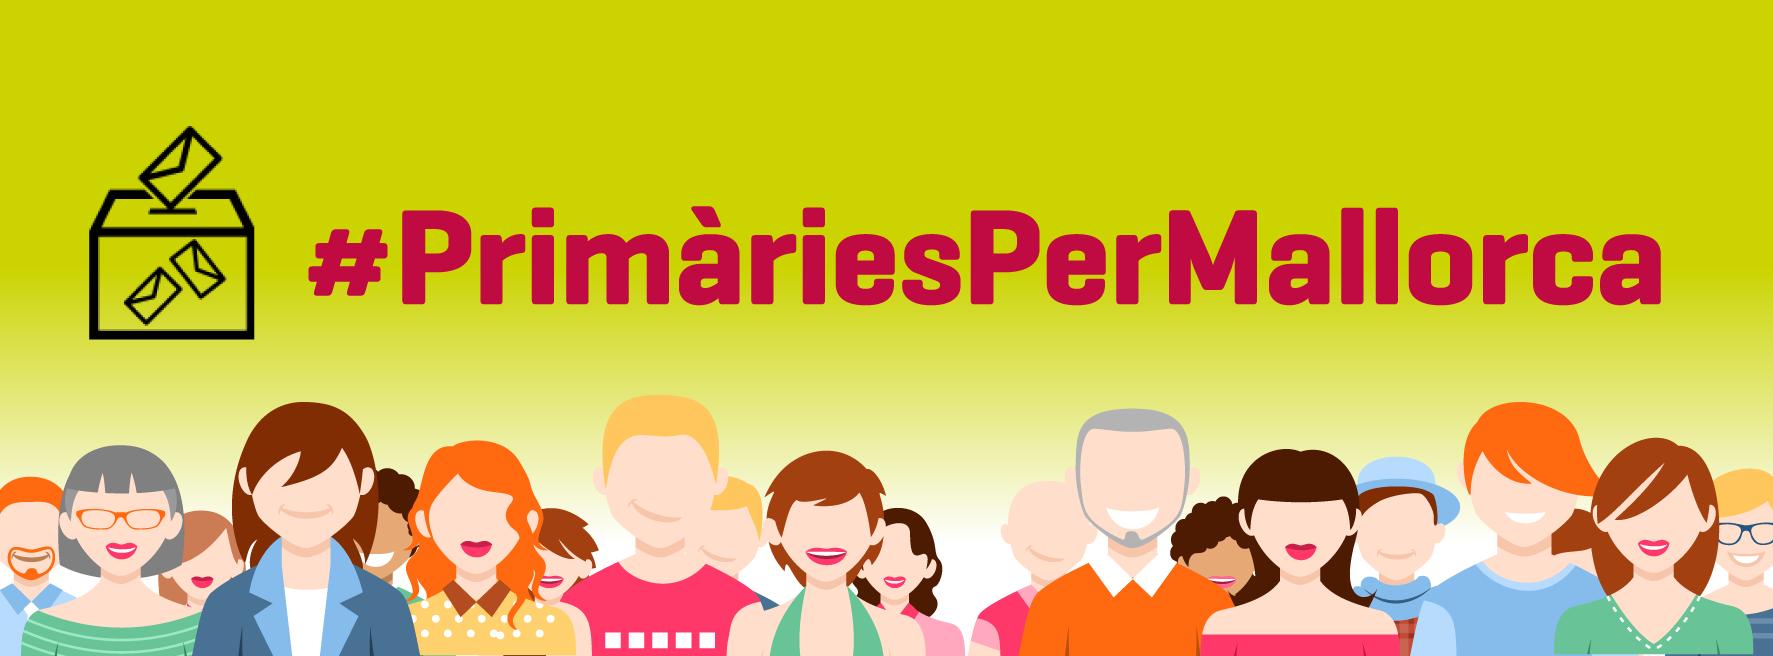 primaries-01-2